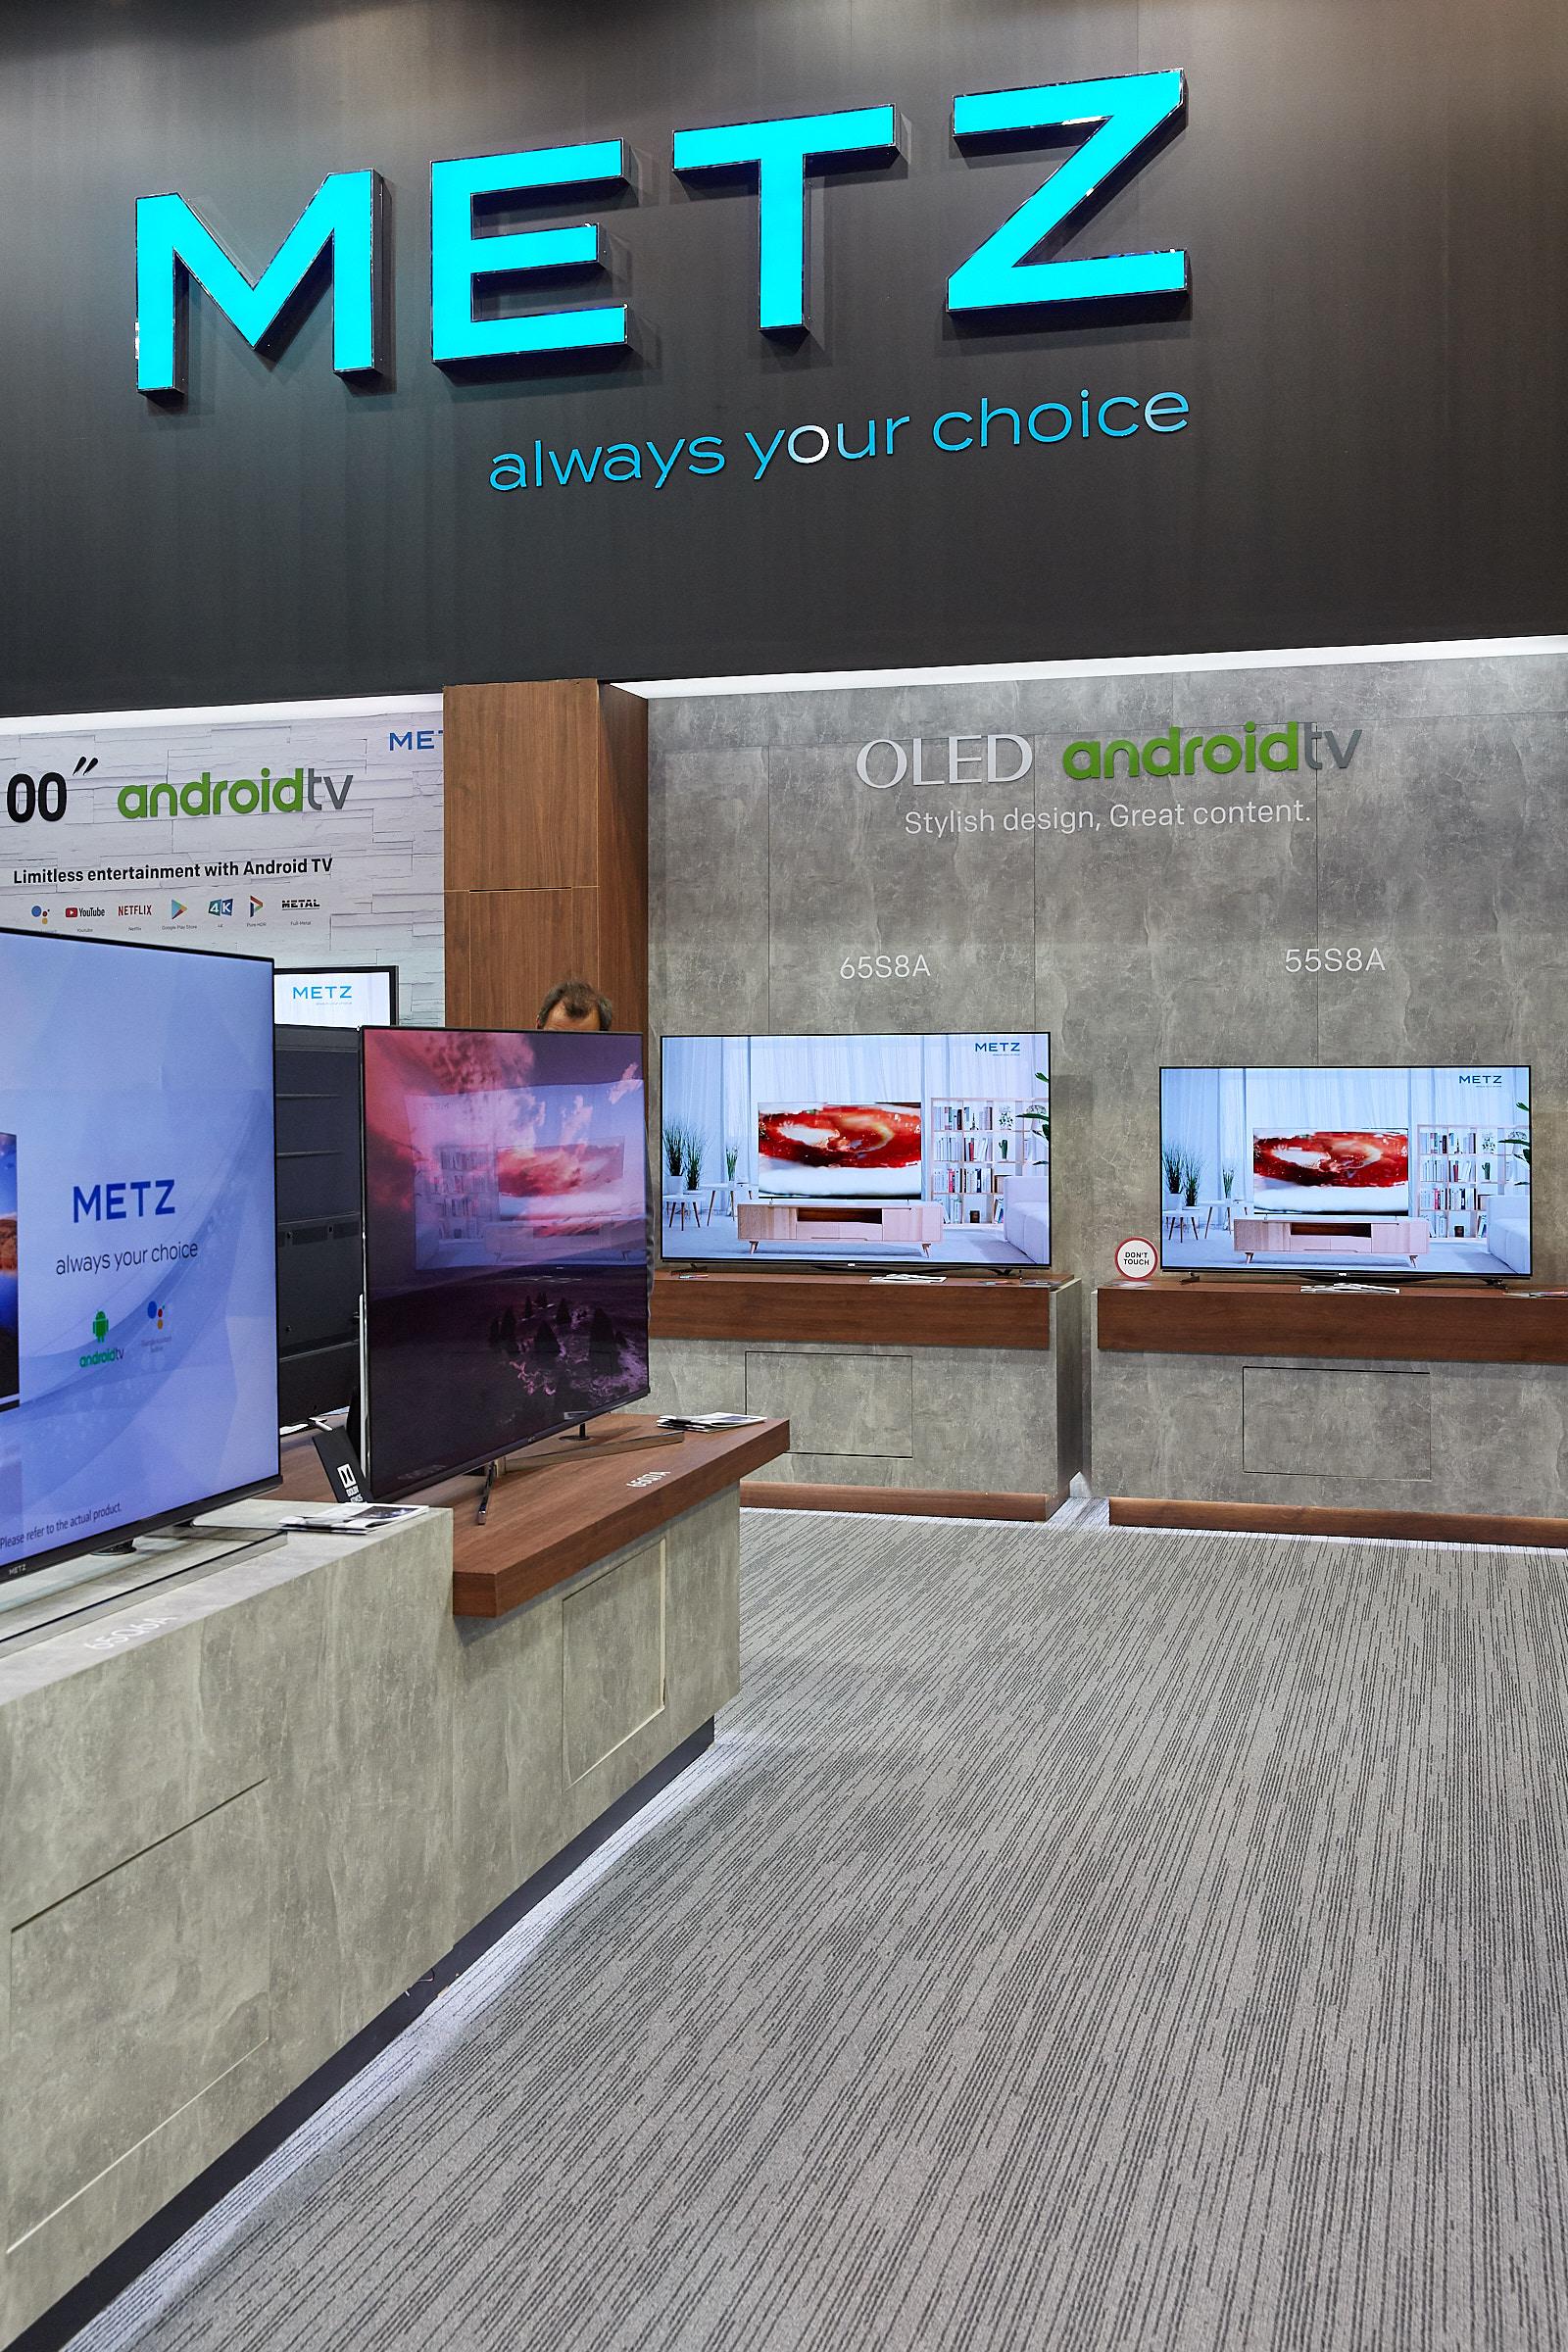 METZ blue Midrange UHD TVs